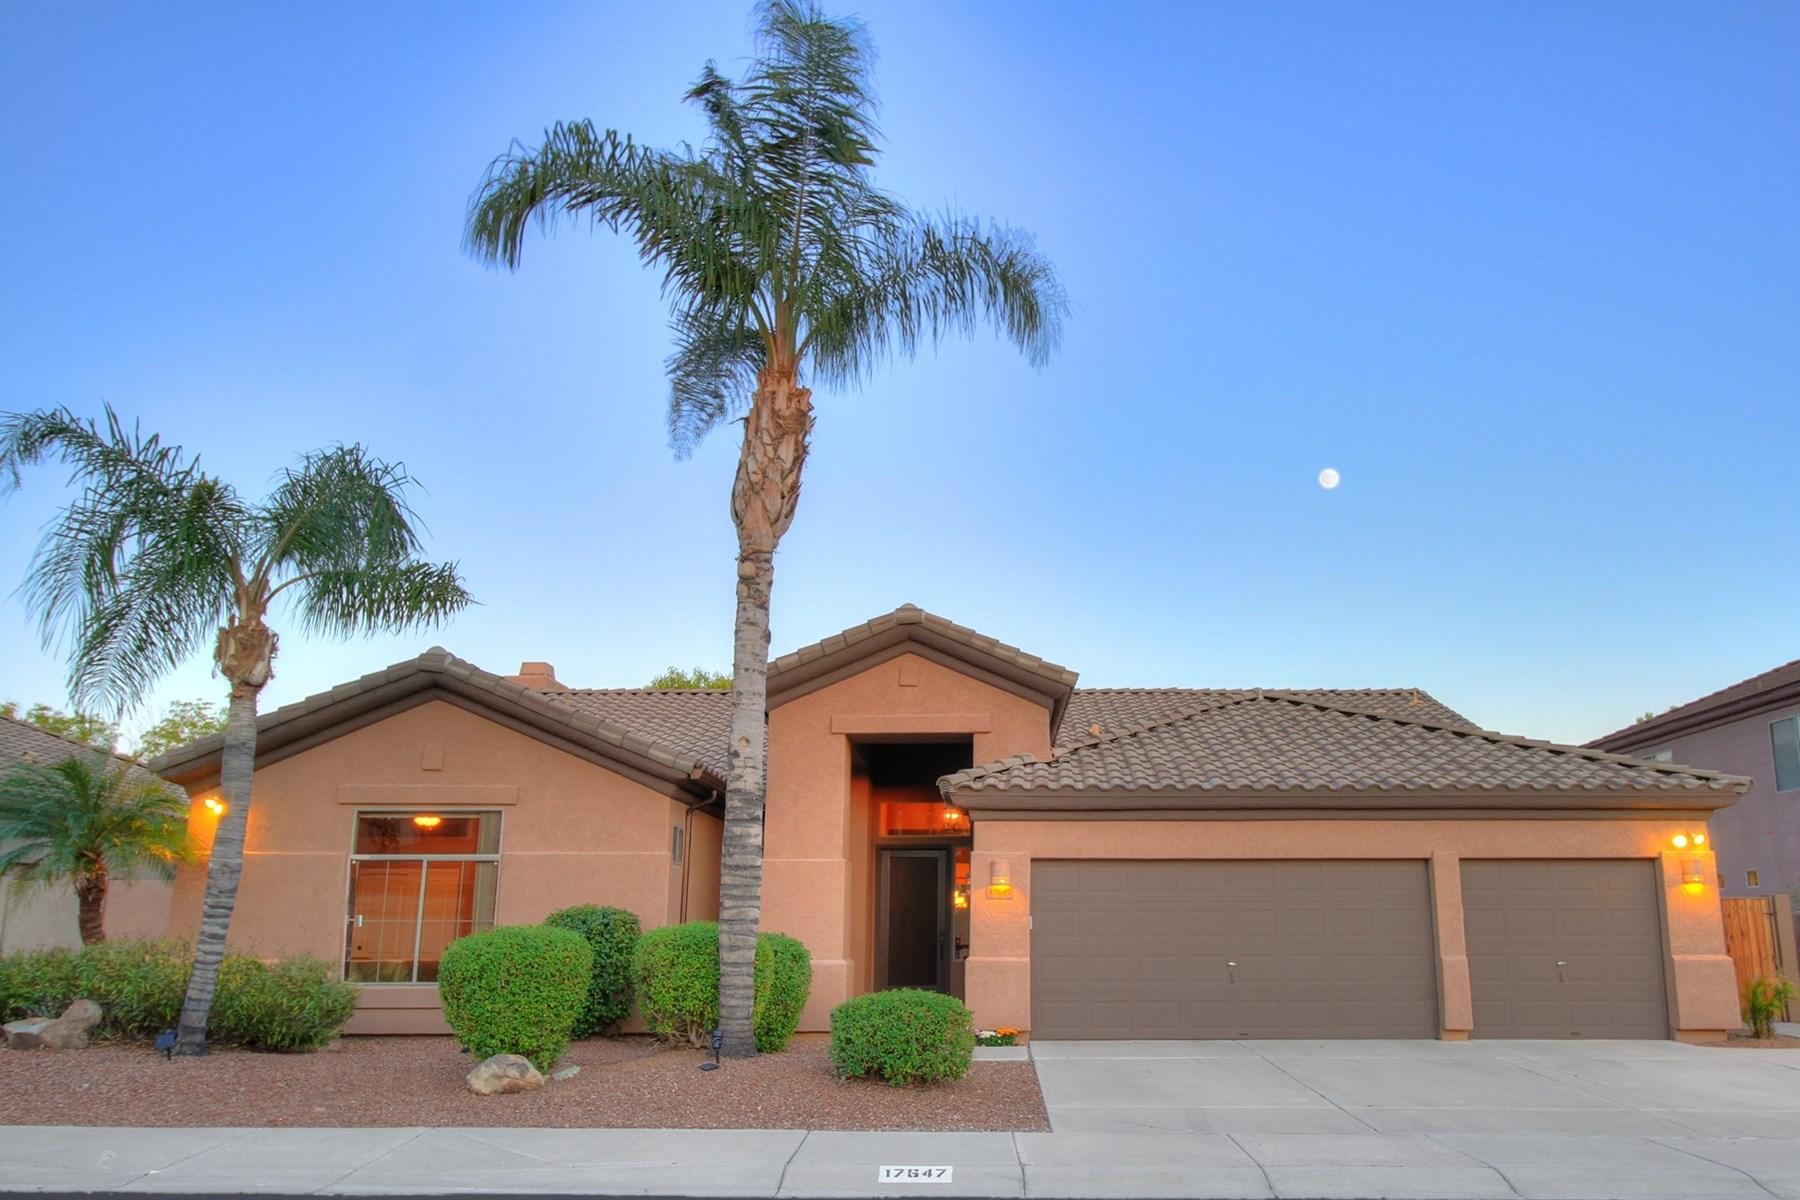 Nhà ở một gia đình vì Bán tại Beautifully updated and open floor plan 17647 N 52nd Pl Scottsdale, Arizona 85254 Hoa Kỳ